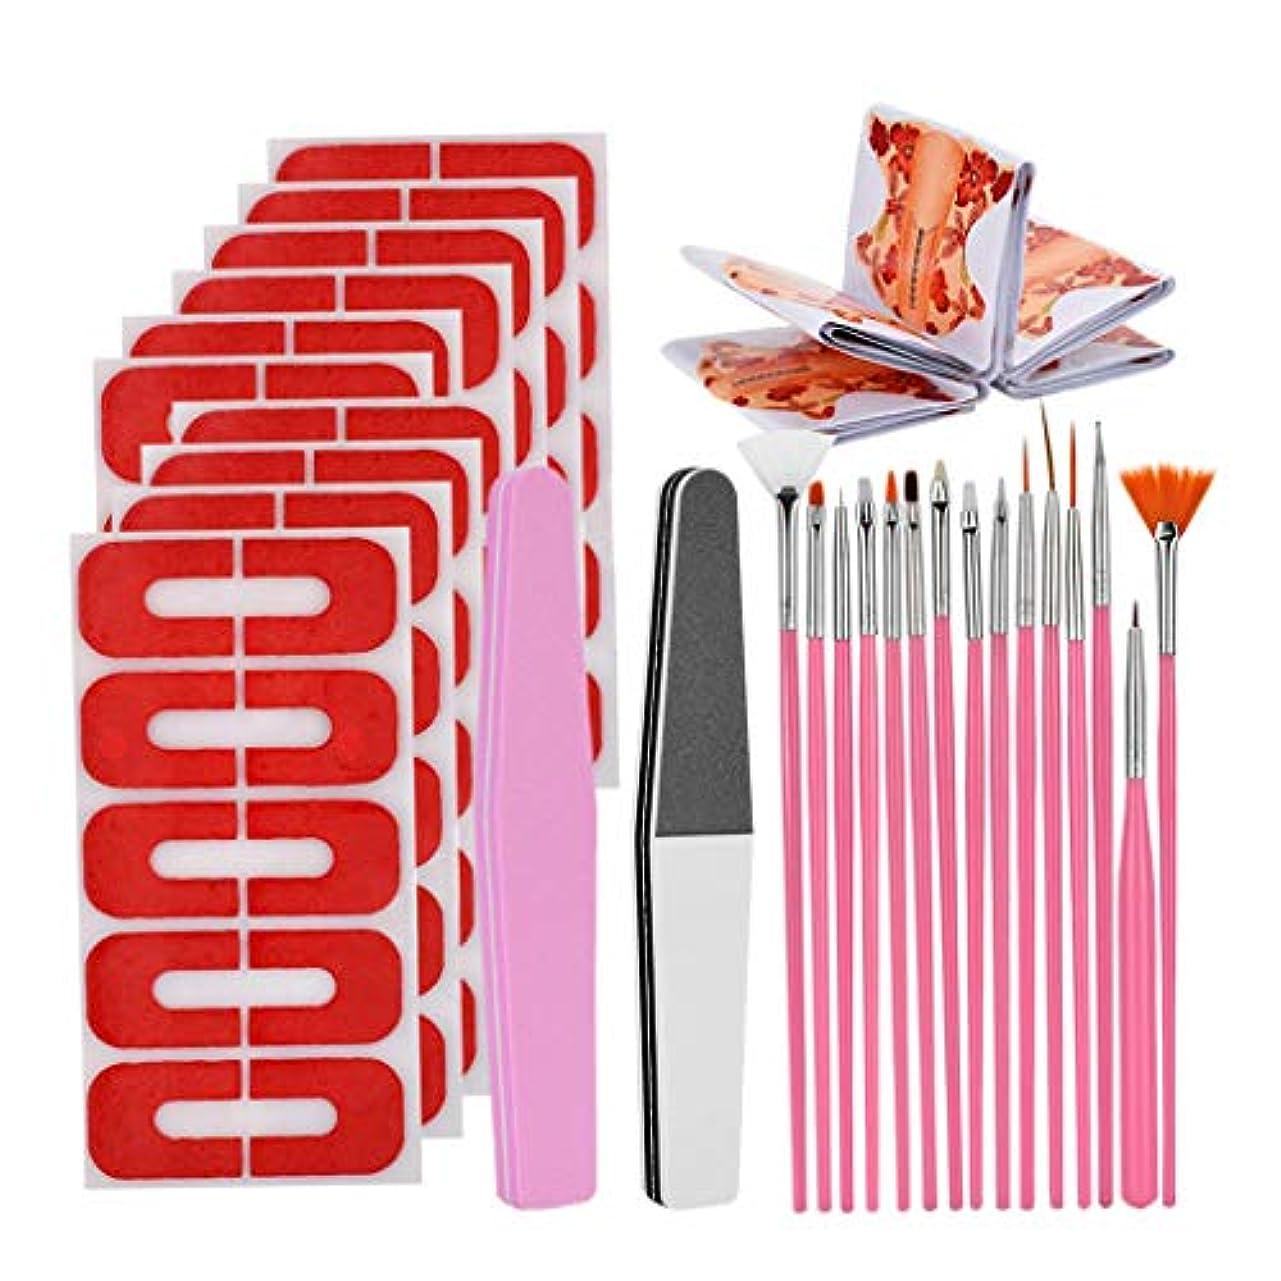 に渡って良心的適切なCUTICATE 50個再利用可能なソフトプラスチックネイルポリッシュステンシル、サロン&ホーム用マニキュアキット - 橙色